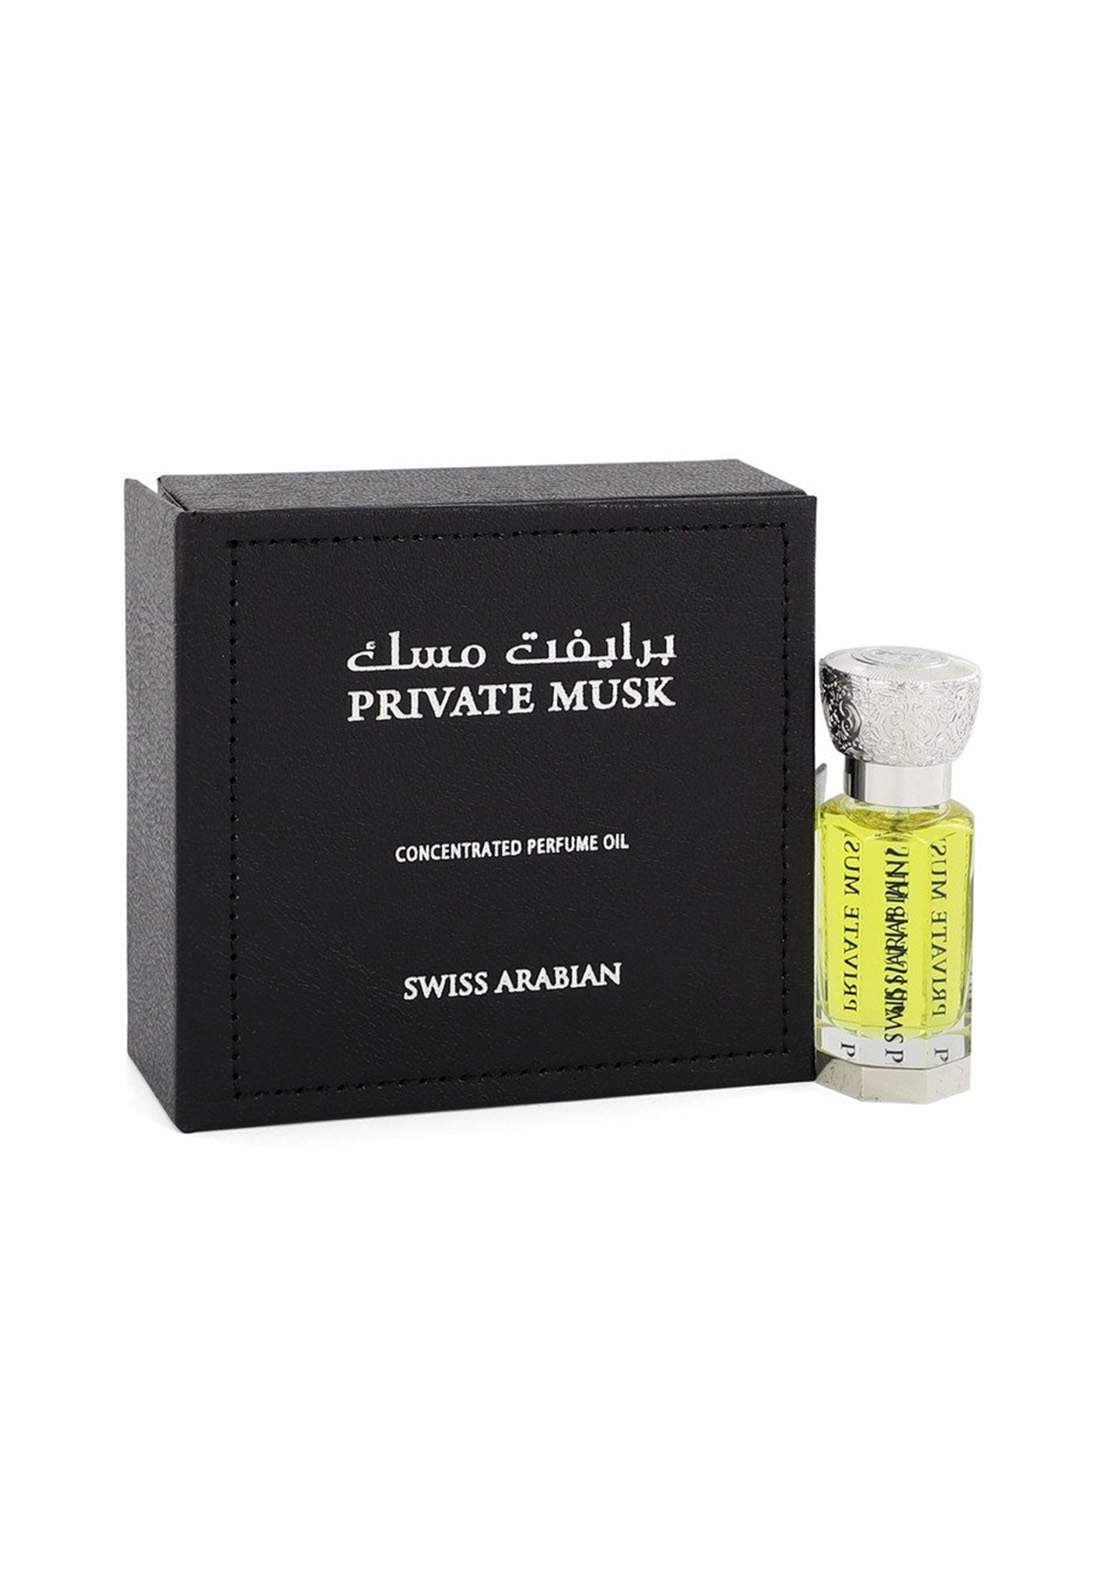 Swiss Arabian 1073 Private Musk Perfume Oil - 12 ml  عطر زيتي  لكلا الجنسين